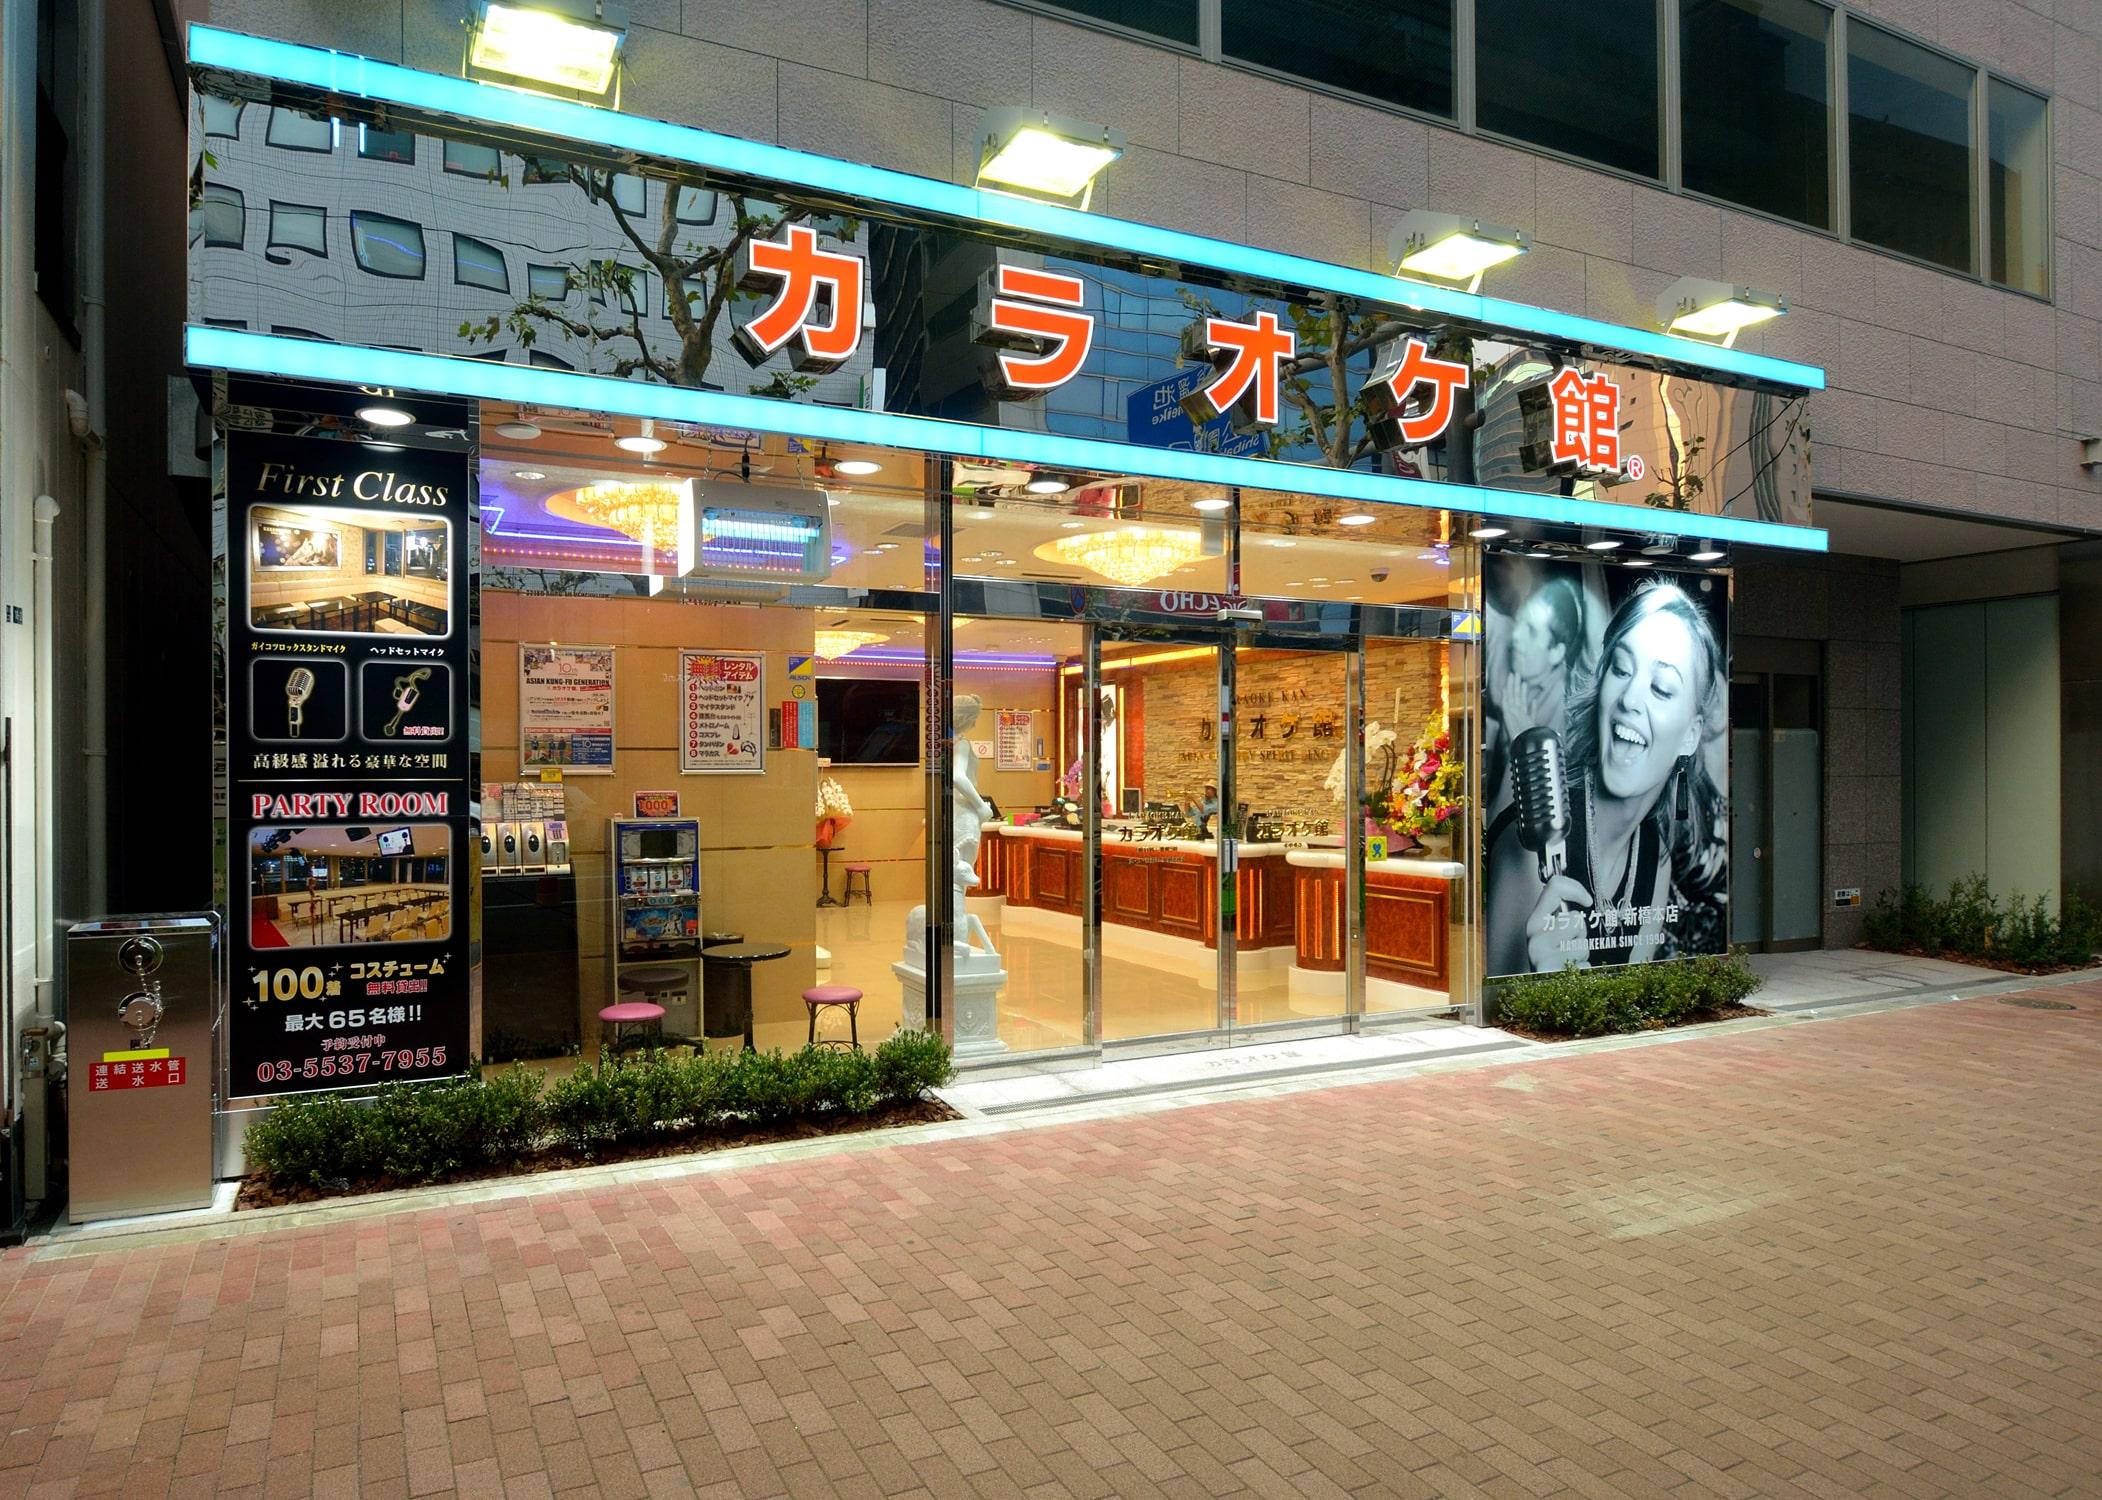 カラオケ館 藤沢南口店